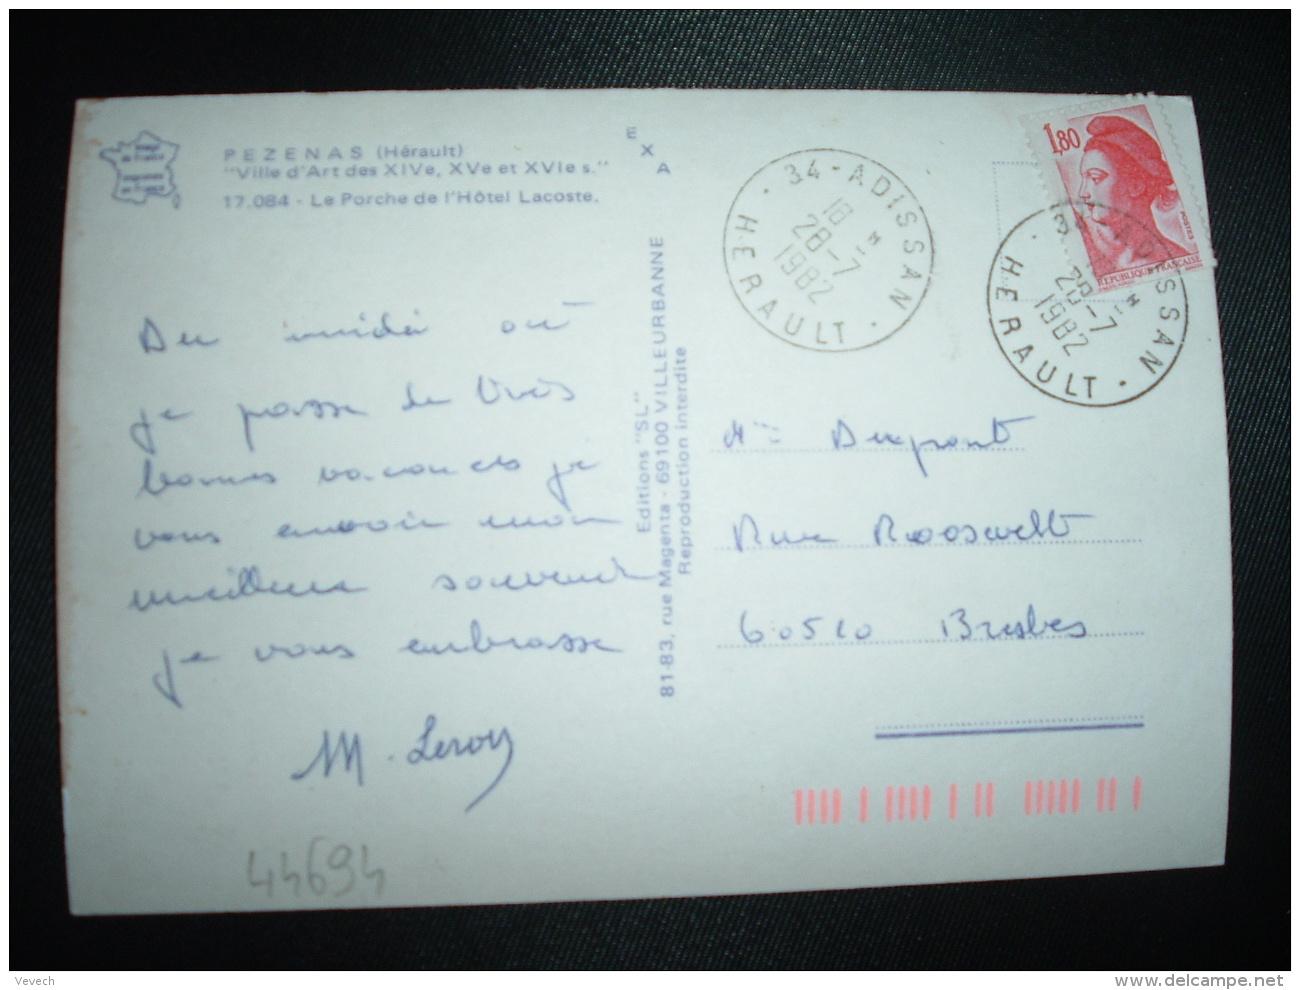 CP TP LIBERTE DE GANDON 1,80 OBL.28-7-1982 34-ADISSAN HERAULT (34) - Marcophilie (Lettres)